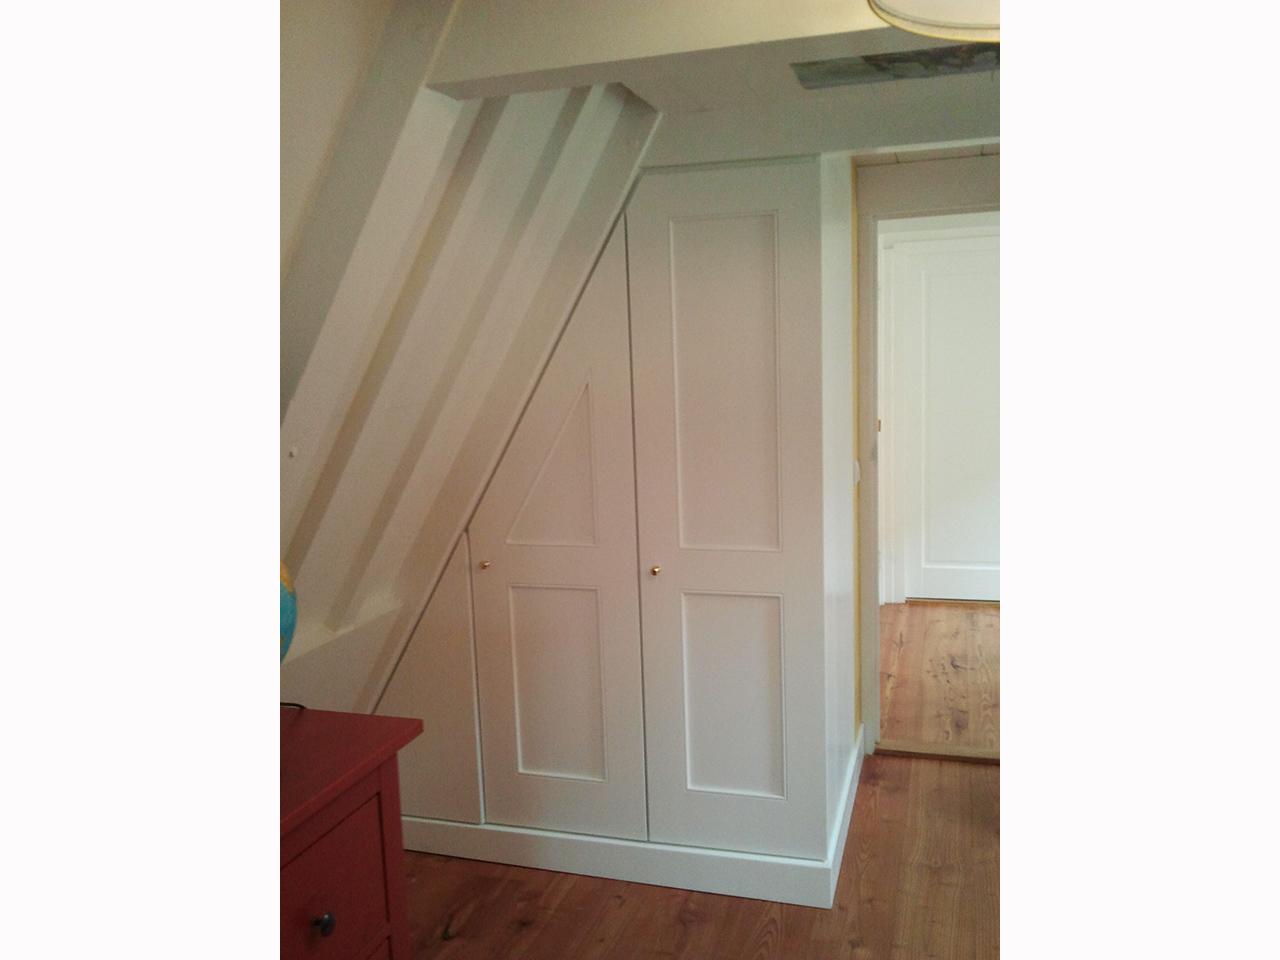 Kinderkamer Kasten : Twee kasten onder een schuin dak in een ...